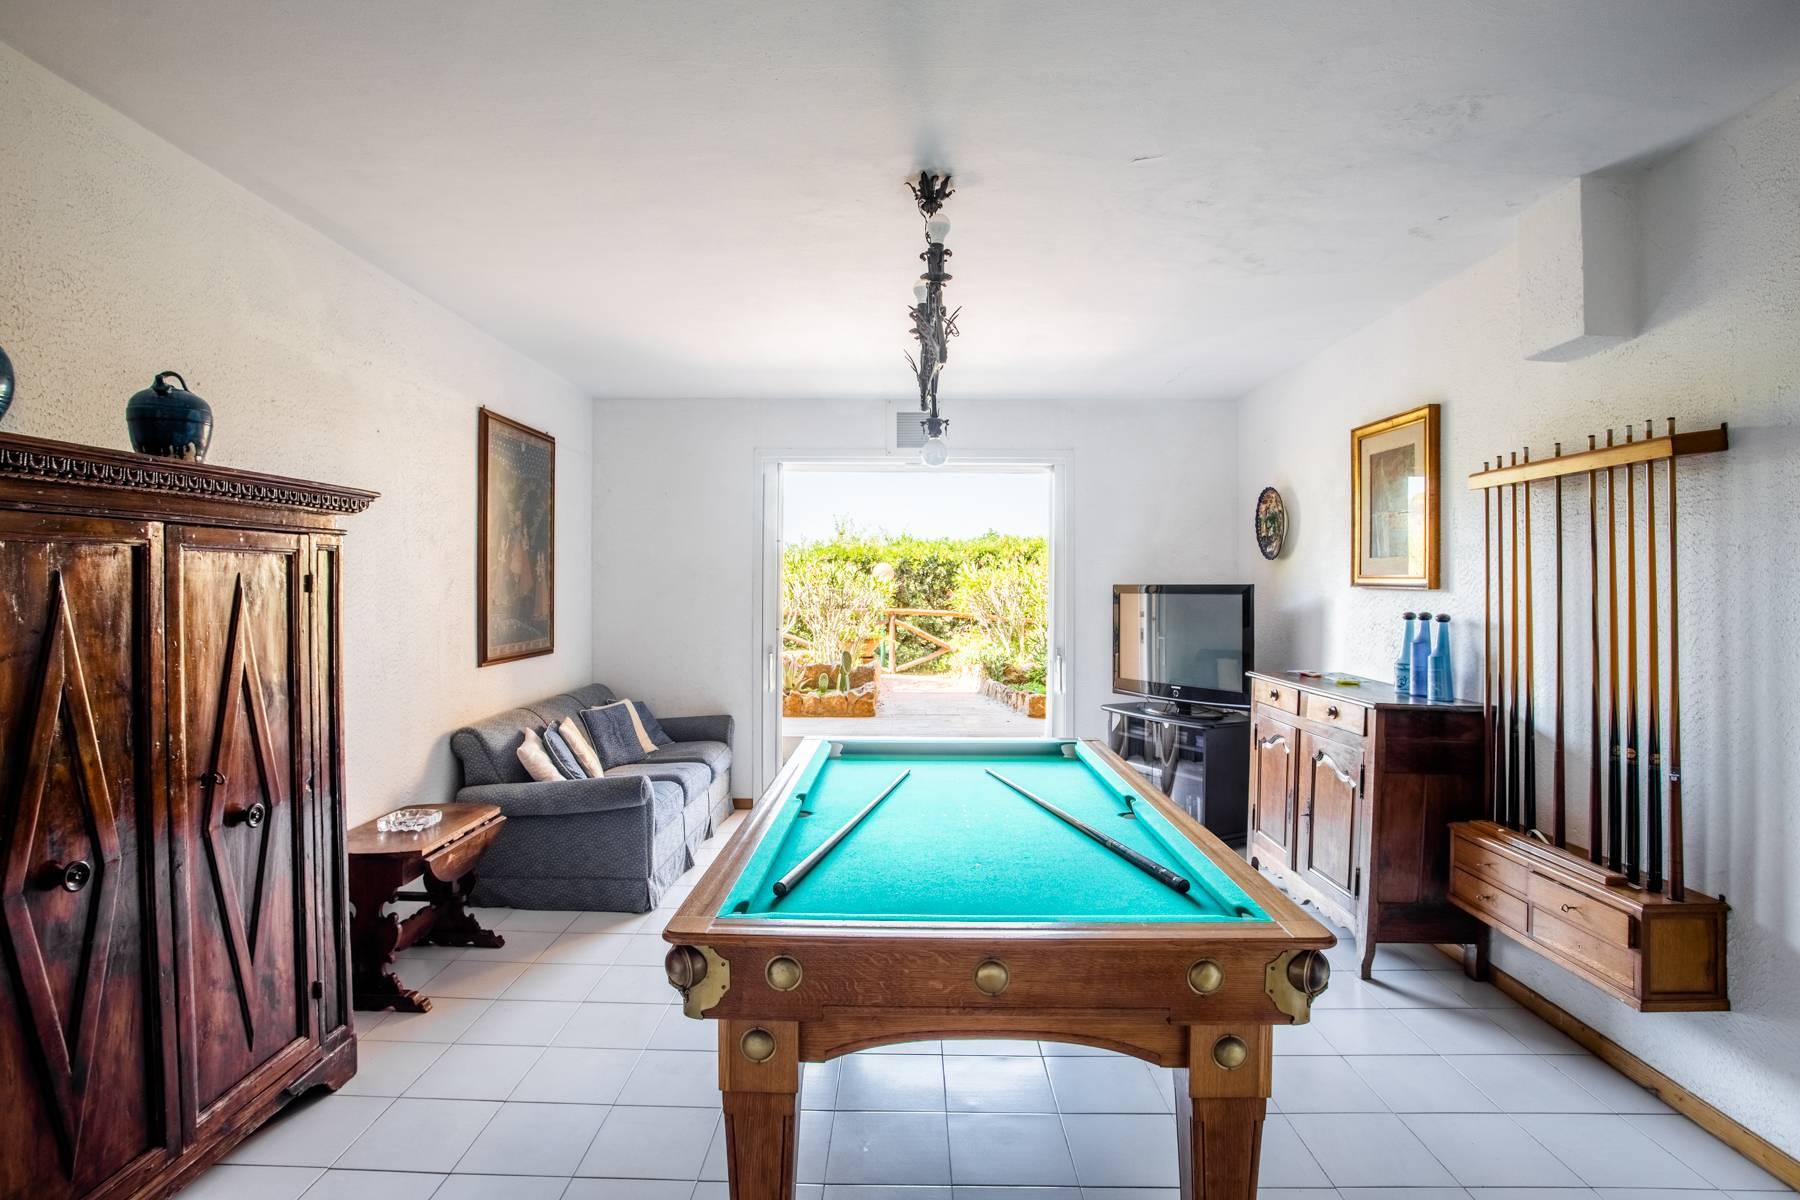 Casa indipendente in Vendita a Monte Argentario: 5 locali, 200 mq - Foto 13